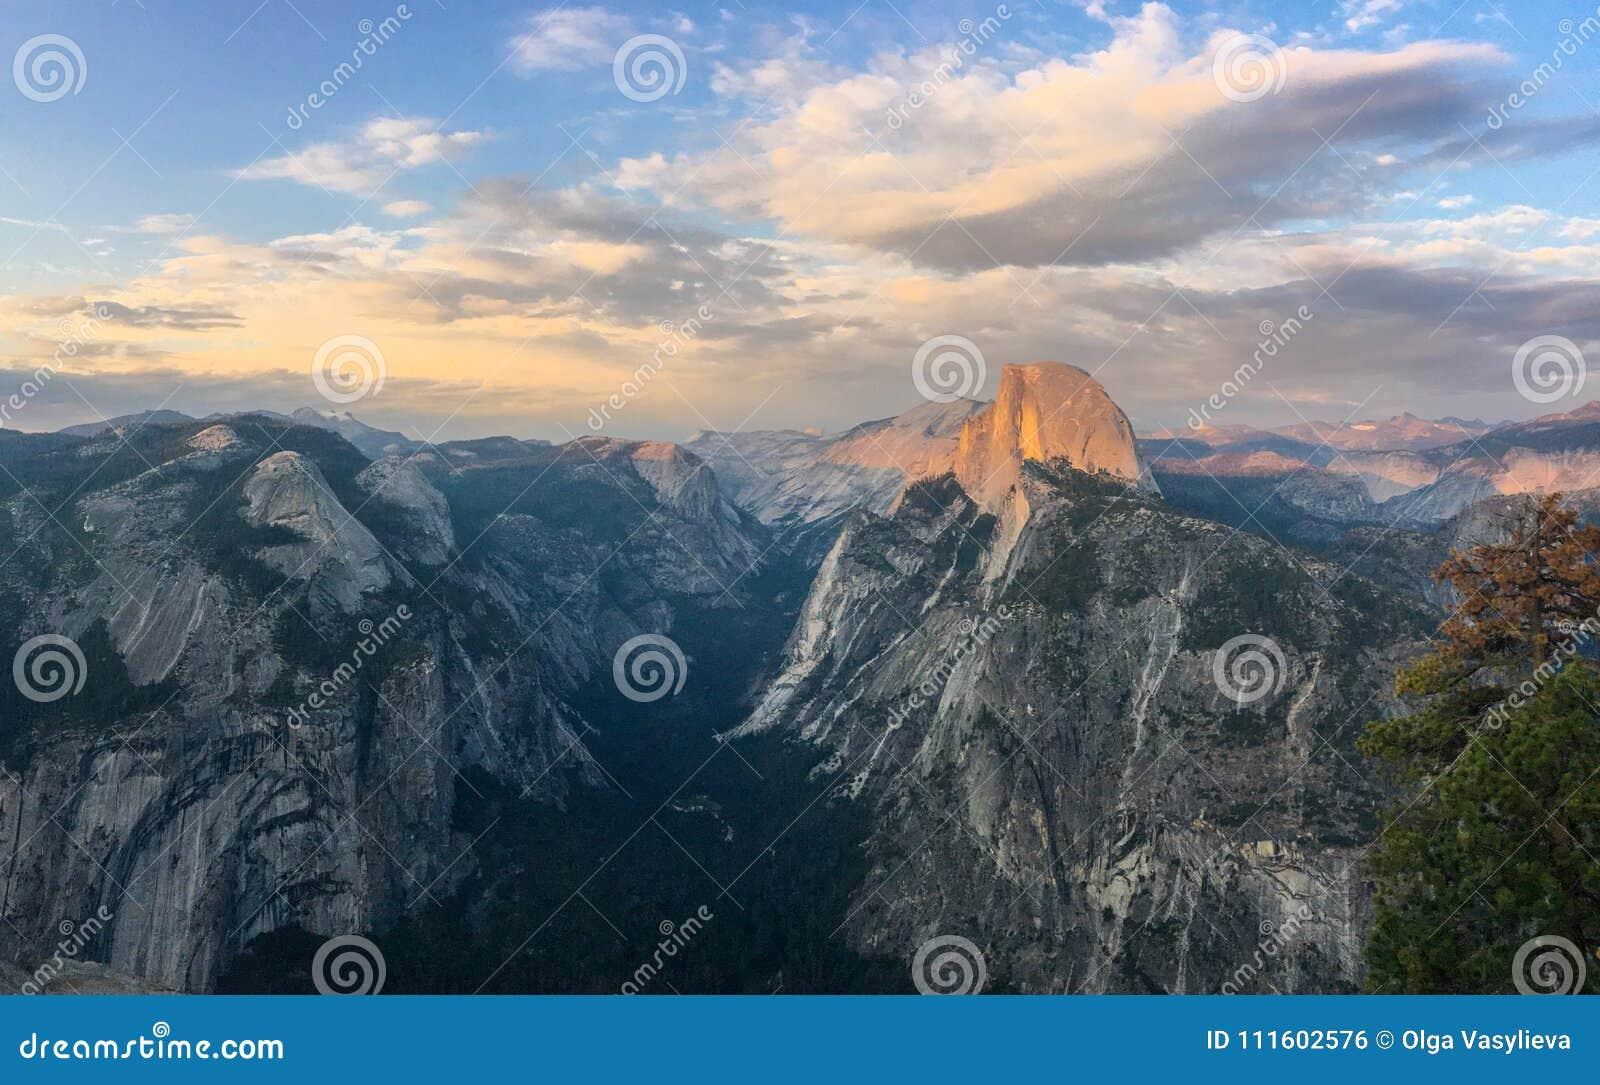 Meia abóbada Vista do ponto da geleira, Yosemite